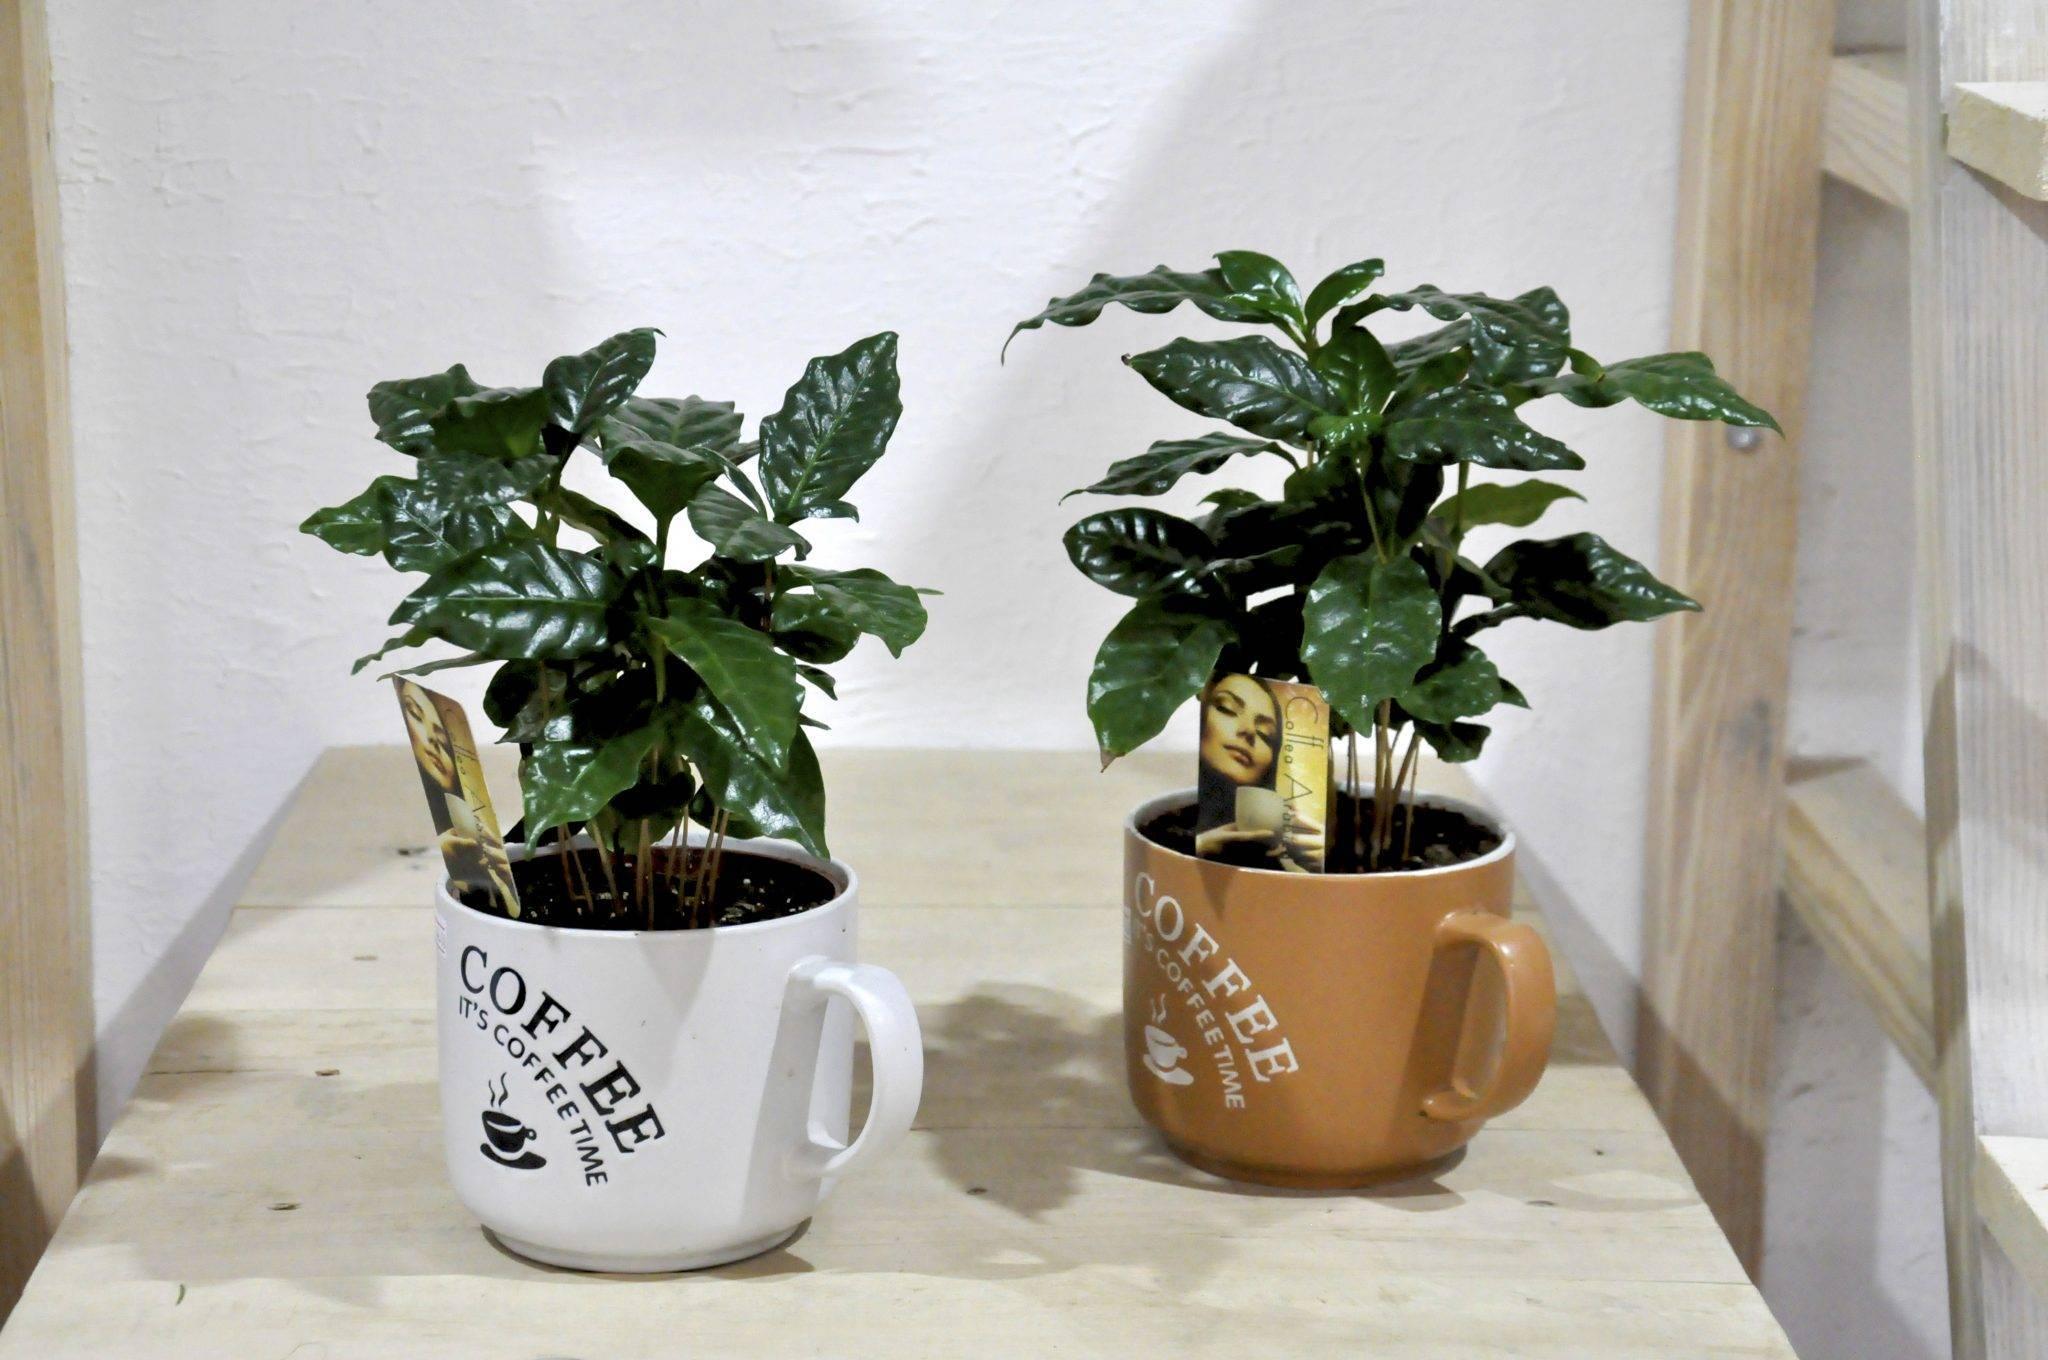 Кофе — от саженца до чашки. выращивание и уход в домашних условиях. фото — ботаничка.ru